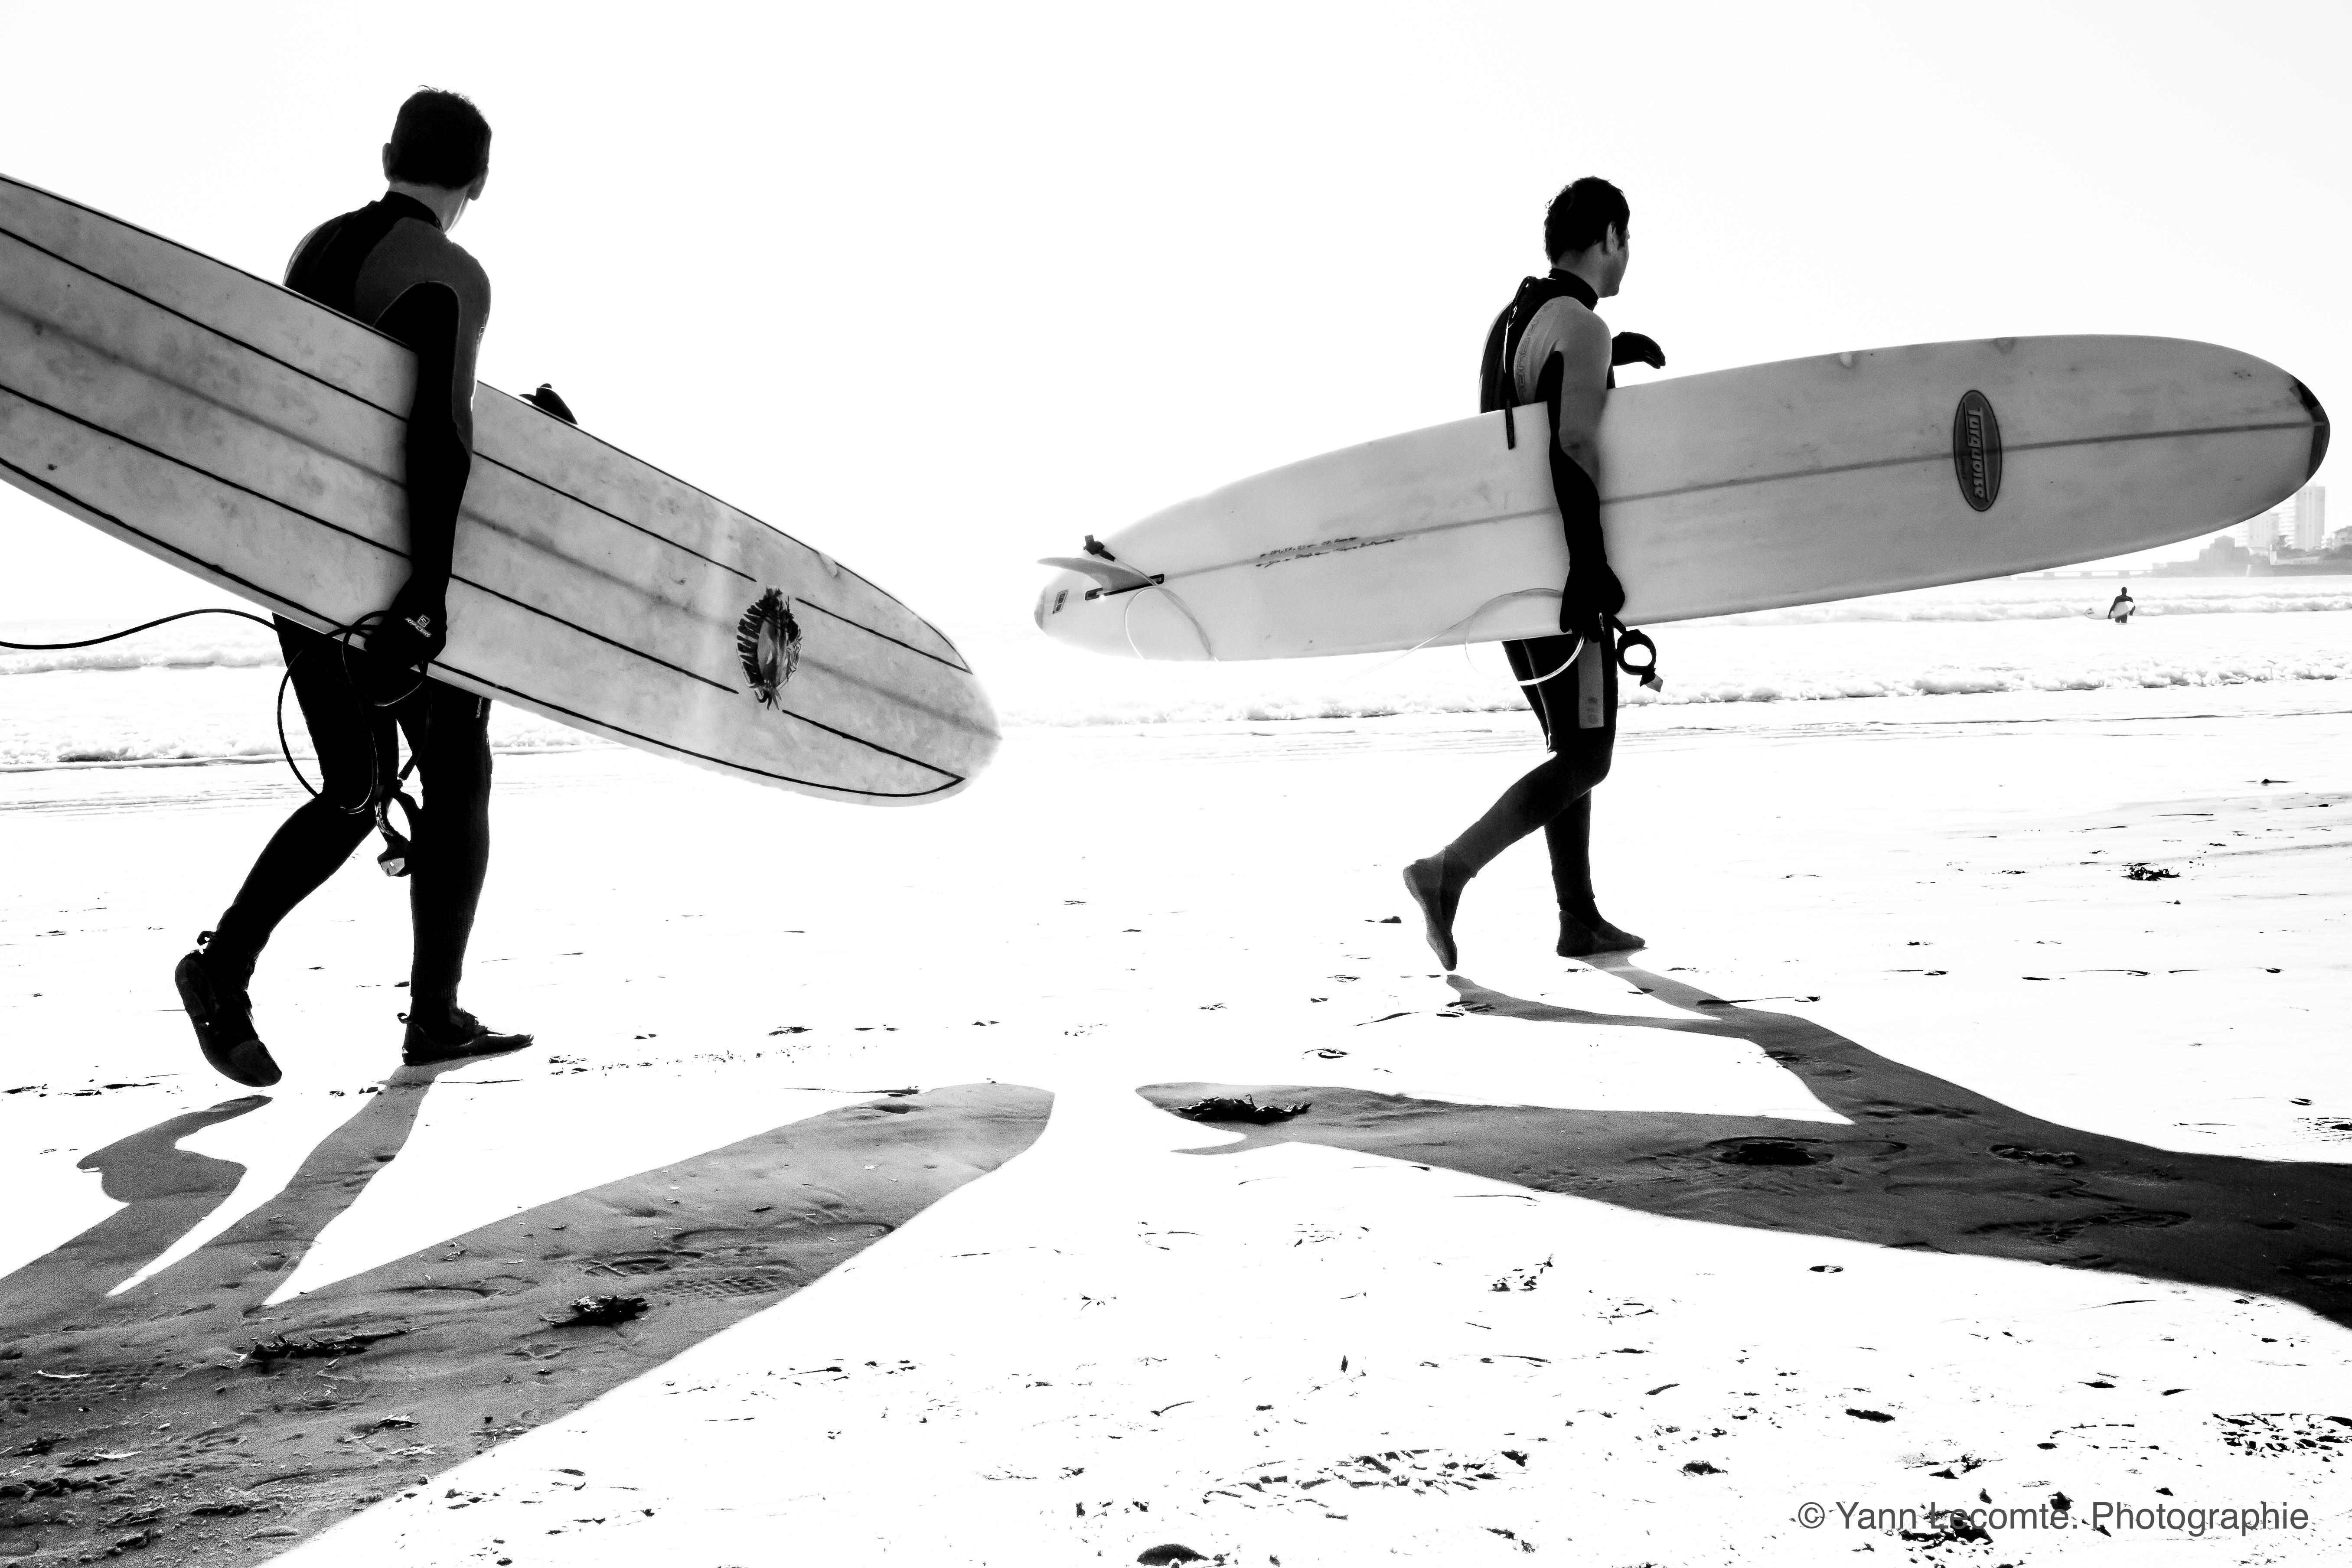 Longboard - Photographie Yann Lecomte- Sablographie